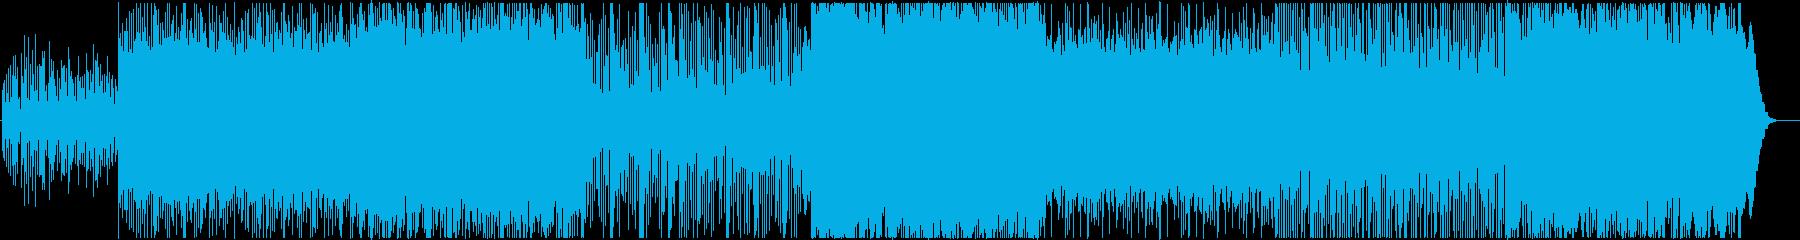 悪夢感満載のホラーミュージックの再生済みの波形